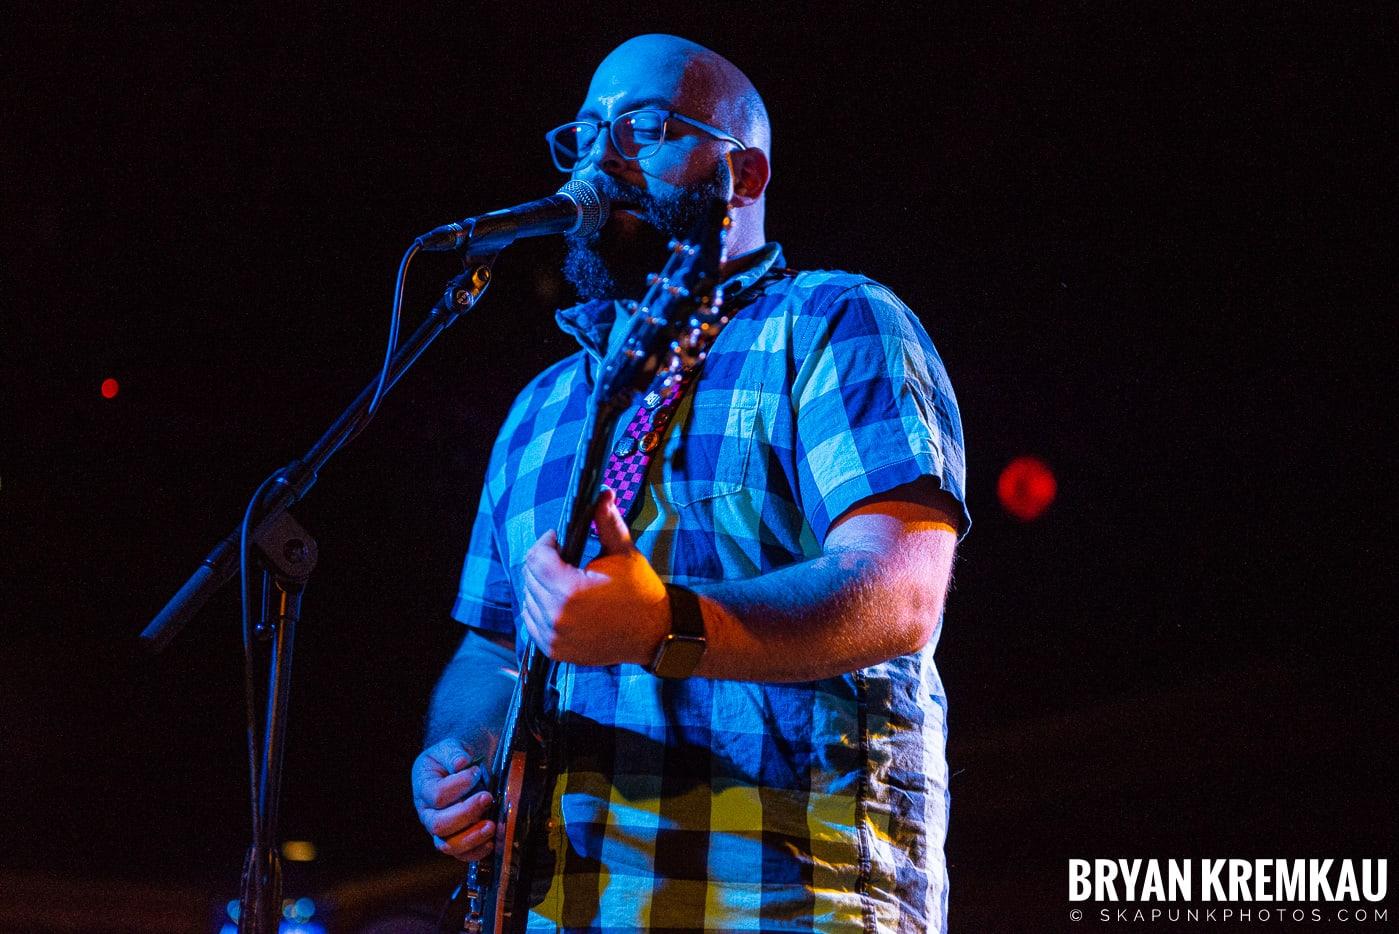 Backyard Superheroes @ Skanksgiving, Starland Ballroom, Sayreville, NJ - 11.30.19 (49)